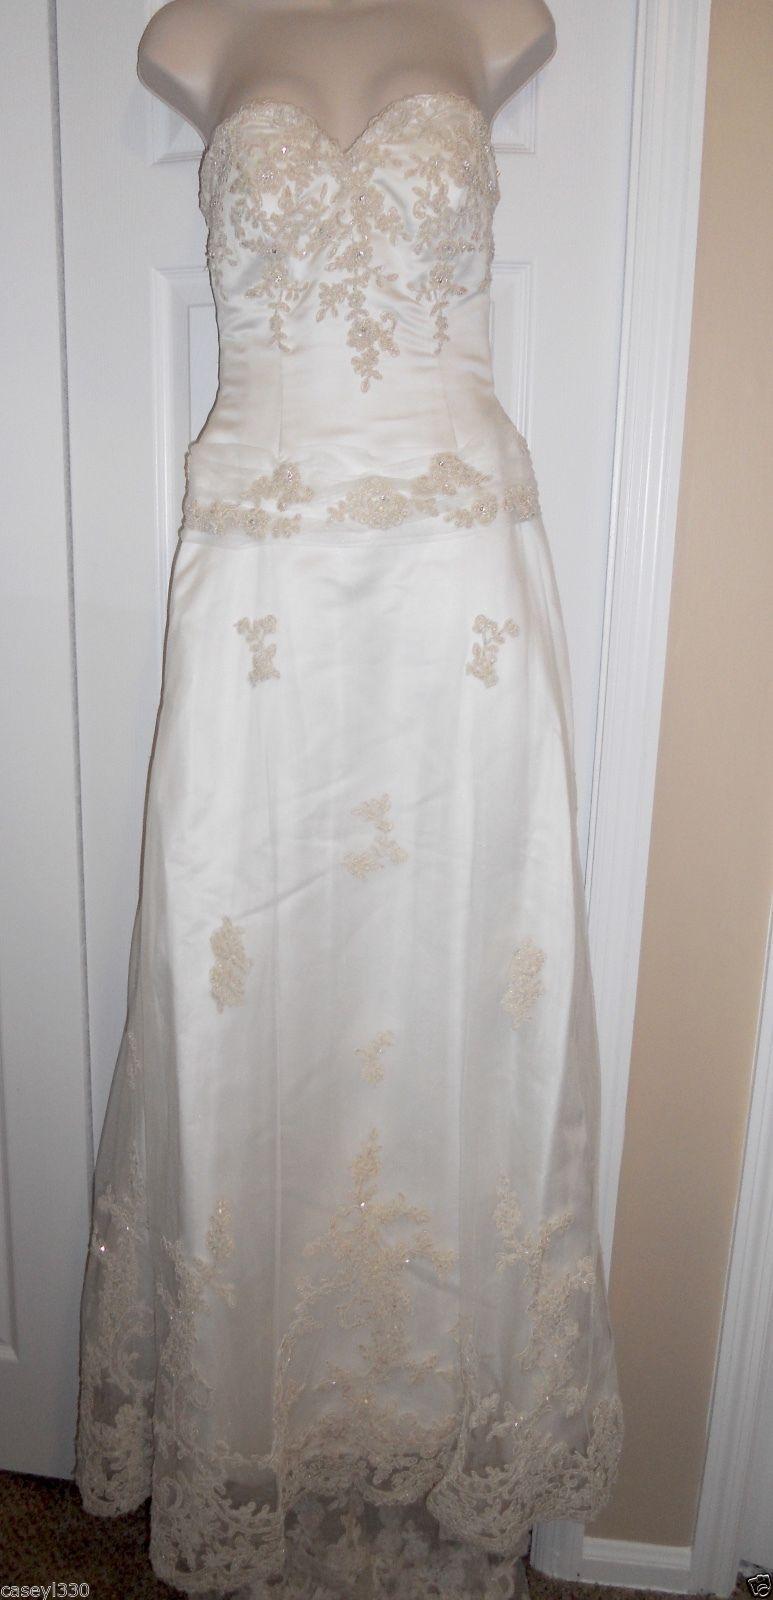 Zelda wedding dress  Awesome Amazing DINEHuS IVORY CHAMPAGNE LACE SIZE  WEDDING DRESS